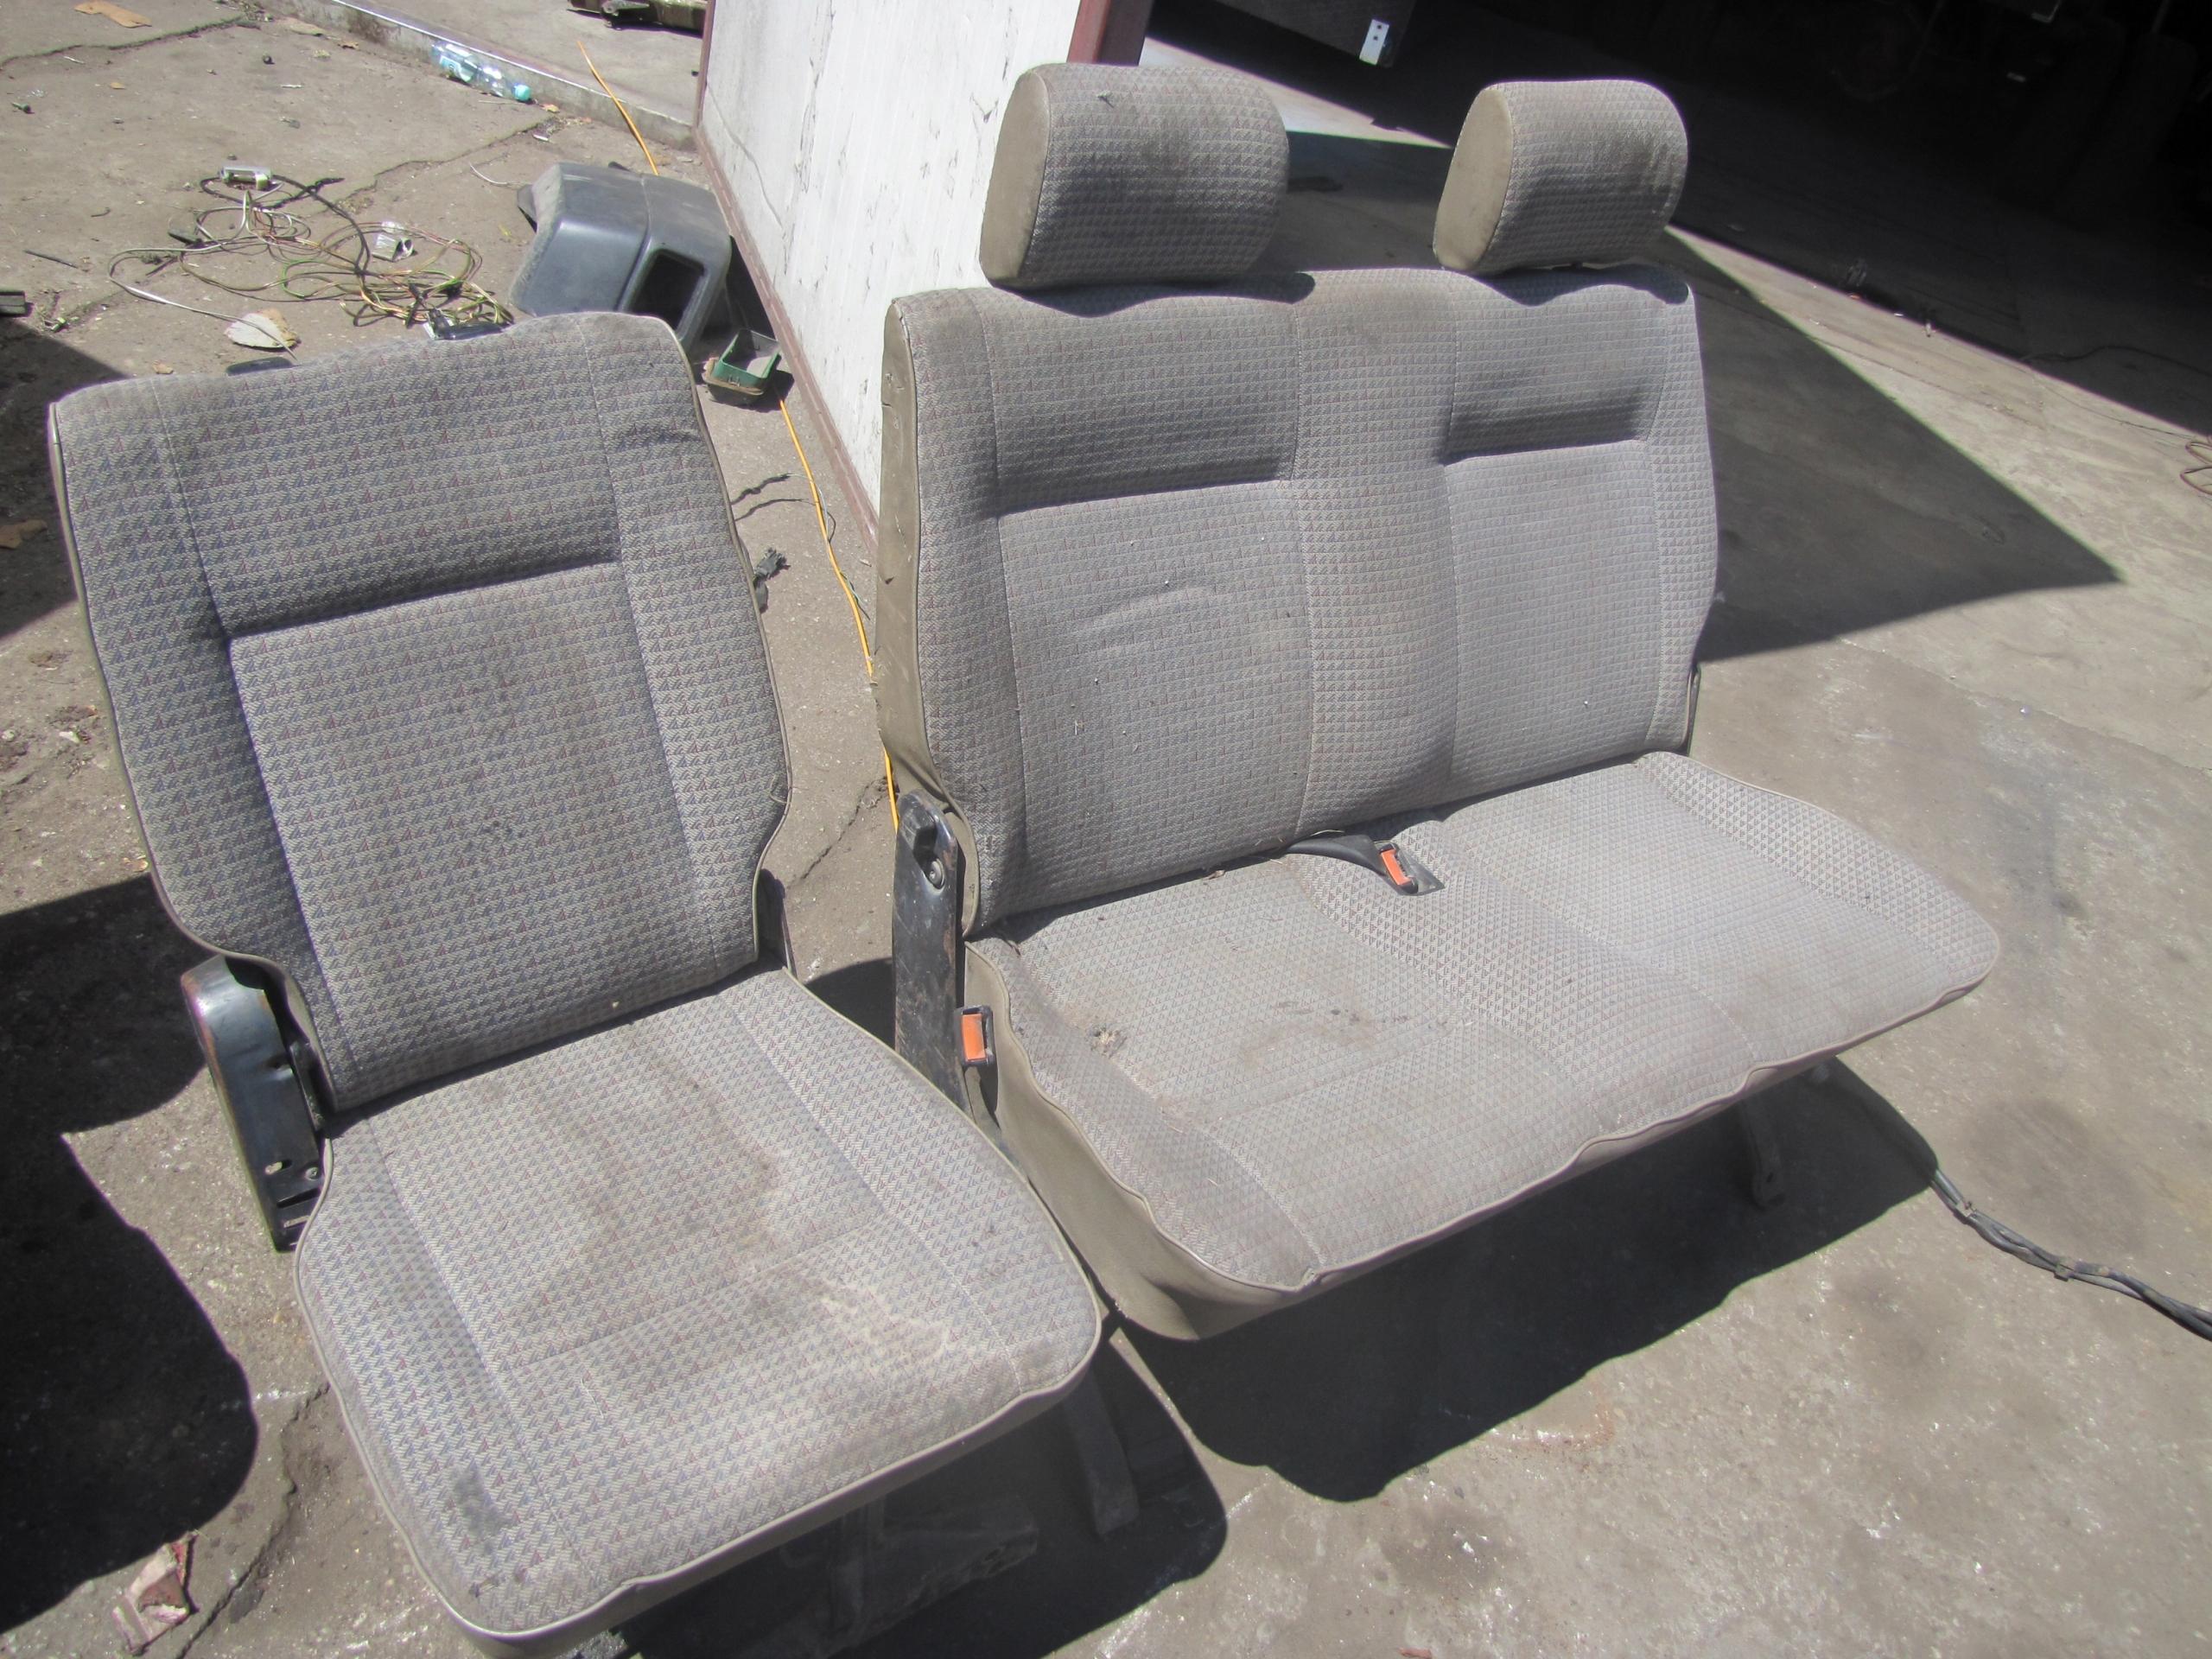 Fotel Kanapa Vw T4 Caravelle Transporter 4 2 Rząd